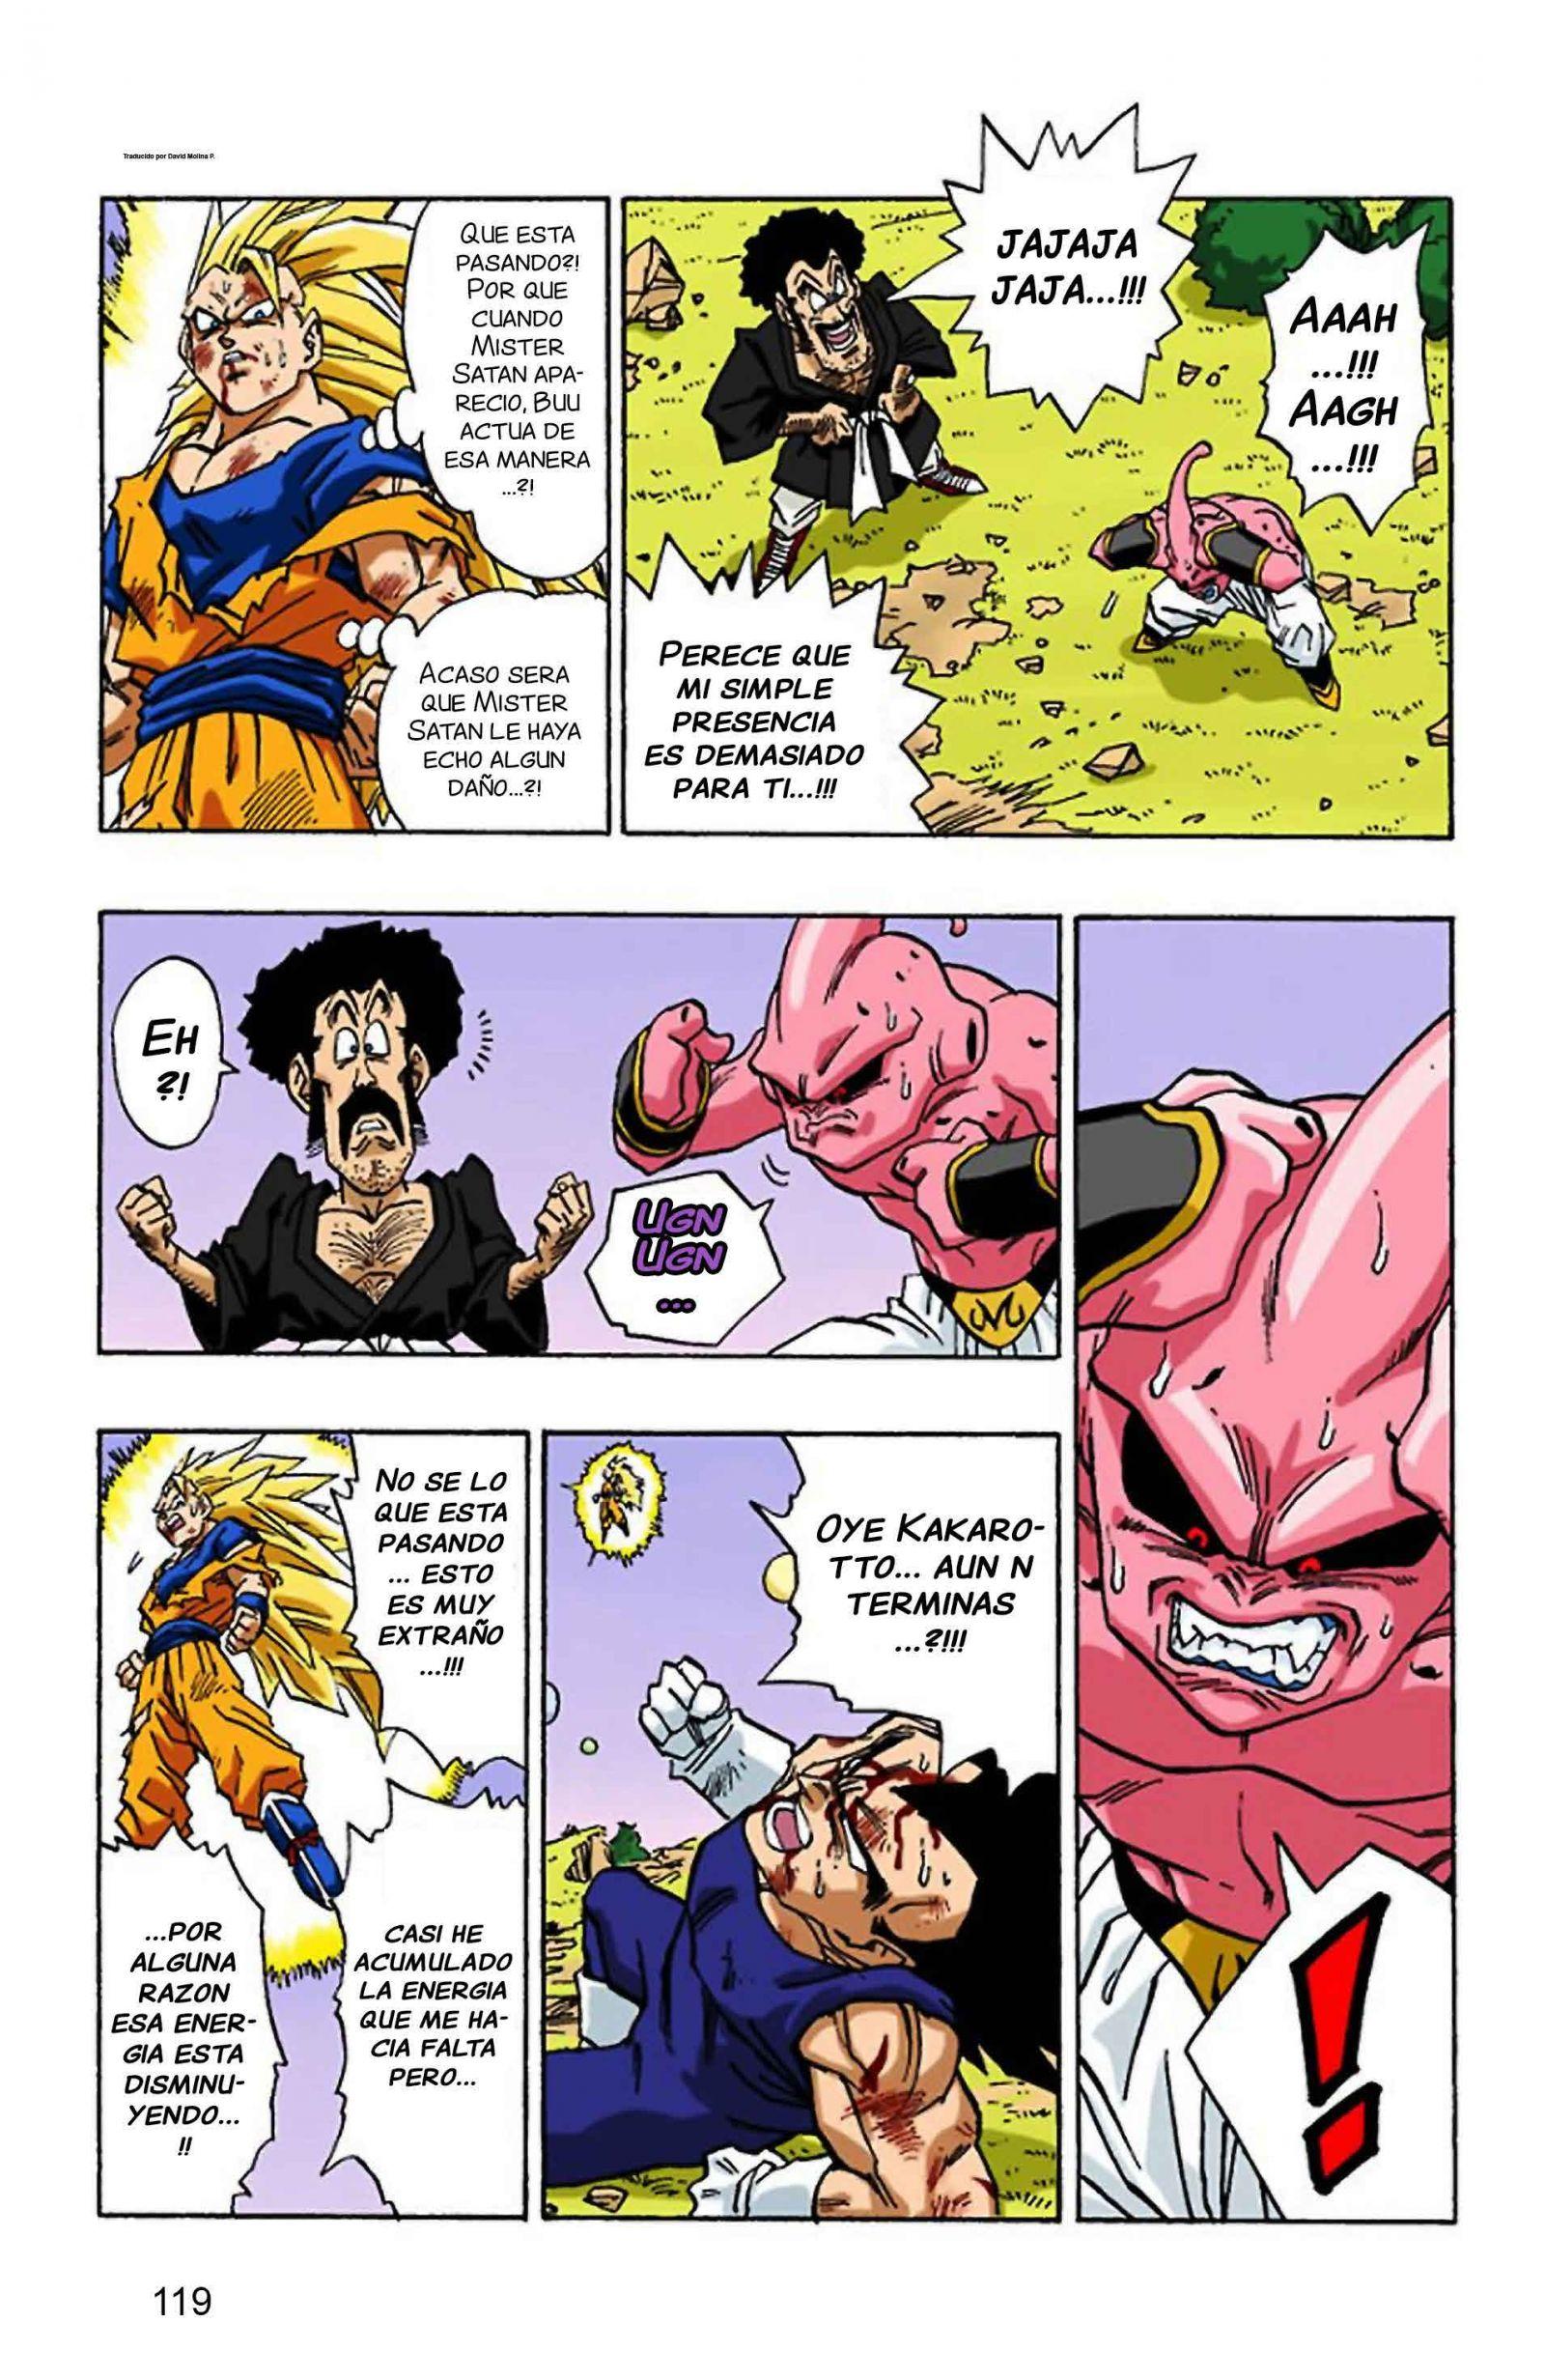 https://c9.mangatag.com/es_manga/pic4/1/24129/629607/60fd27be0b59666696fcd3ffa66b4682.jpg Page 2